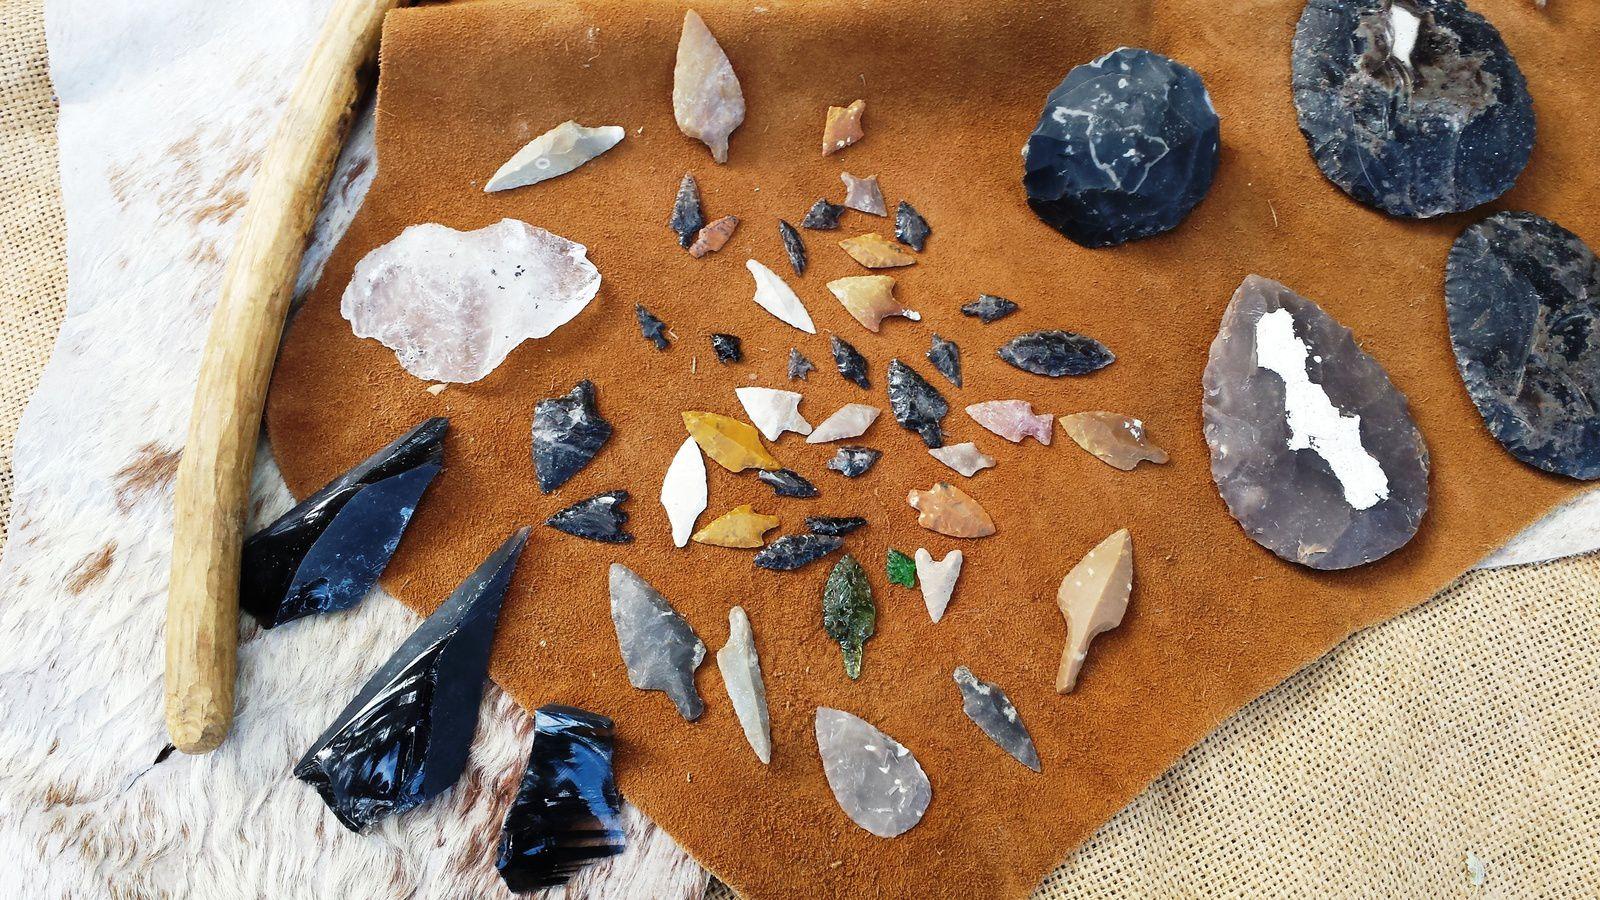 Les Journées du Patrimoine aux Matelles, avec inauguration du musée et virée dans les vieilles pierres de Cambous et Cazarils